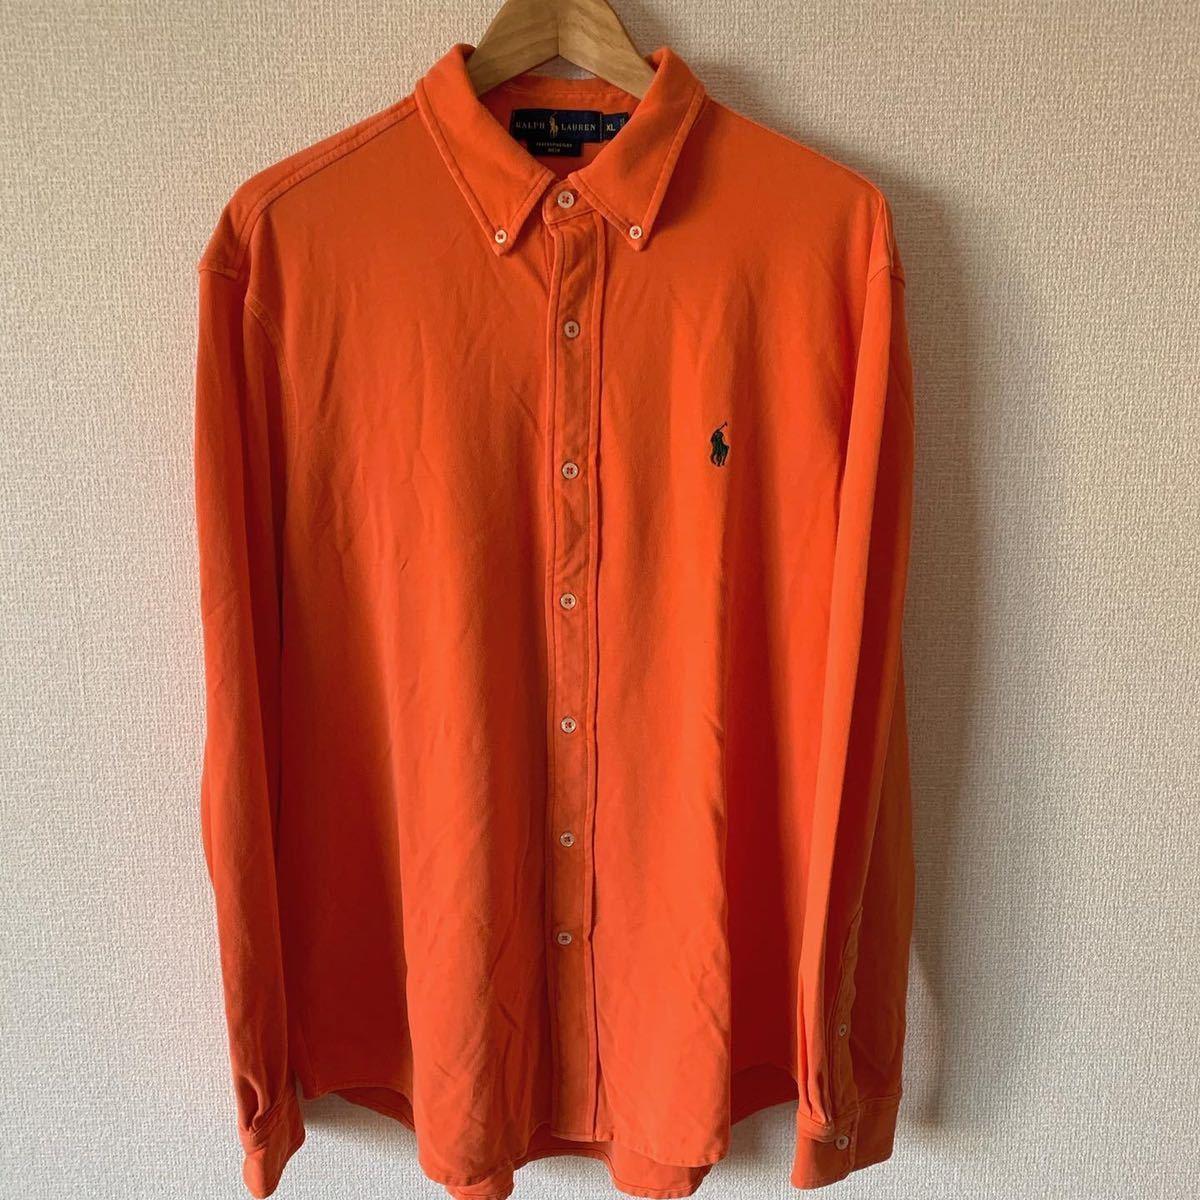 ラルフローレン フェザーウェイトメッシュ ボタンダウンシャツ XL オレンジ 鹿の子 鹿の子シャツ ポロラルフローレン